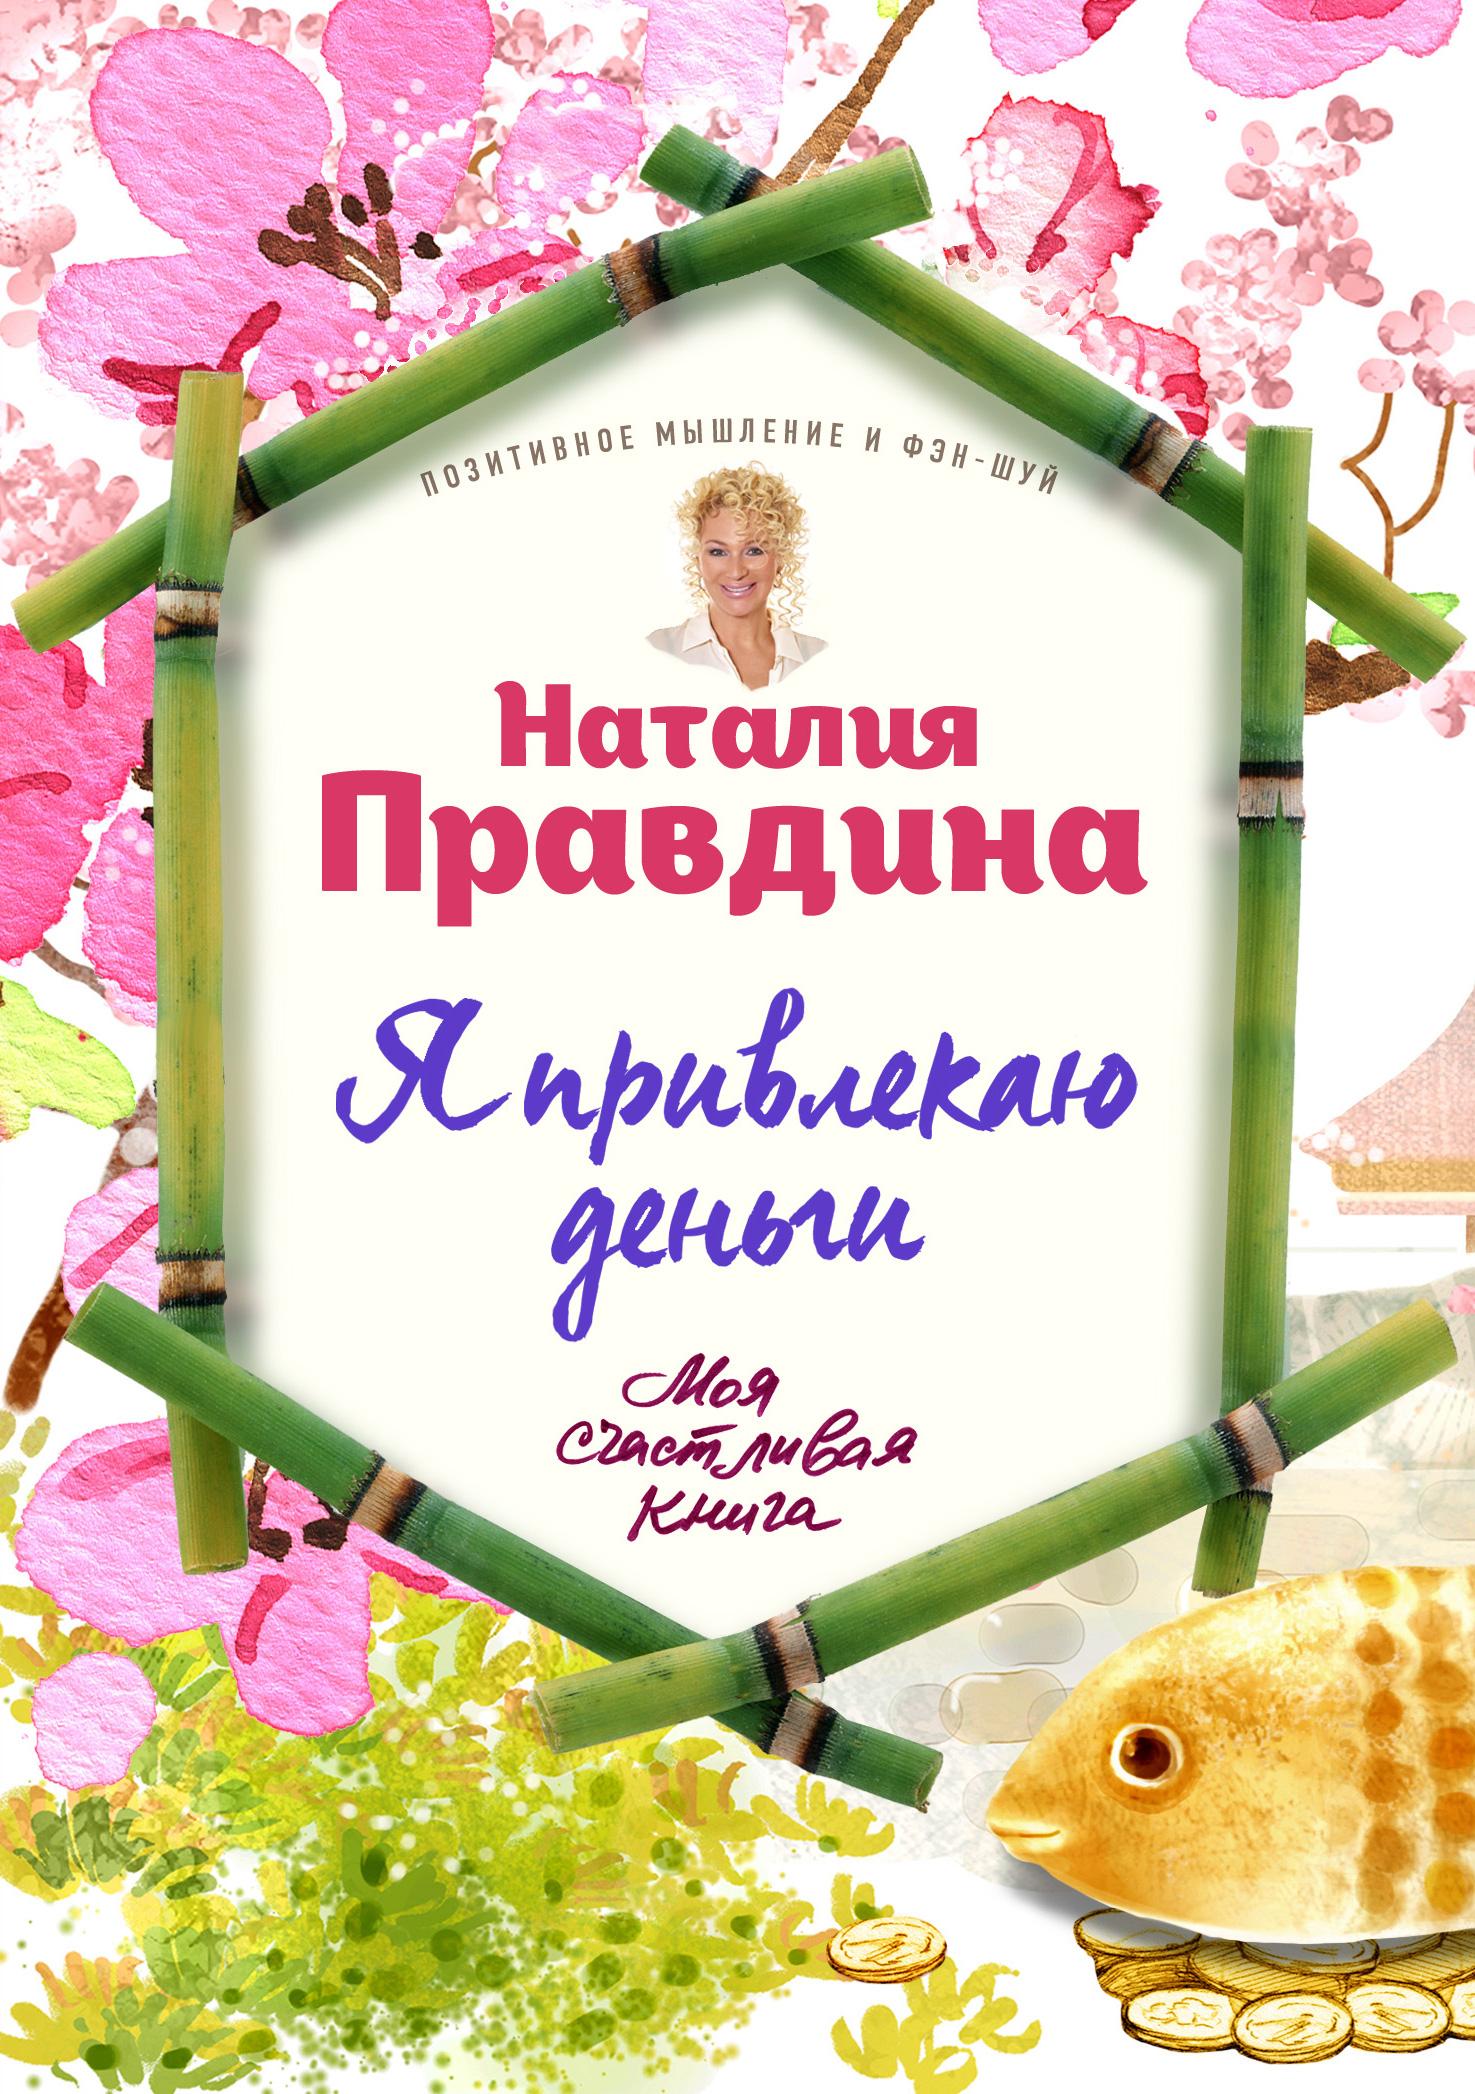 купить Наталия Правдина Я привлекаю деньги по цене 164 рублей